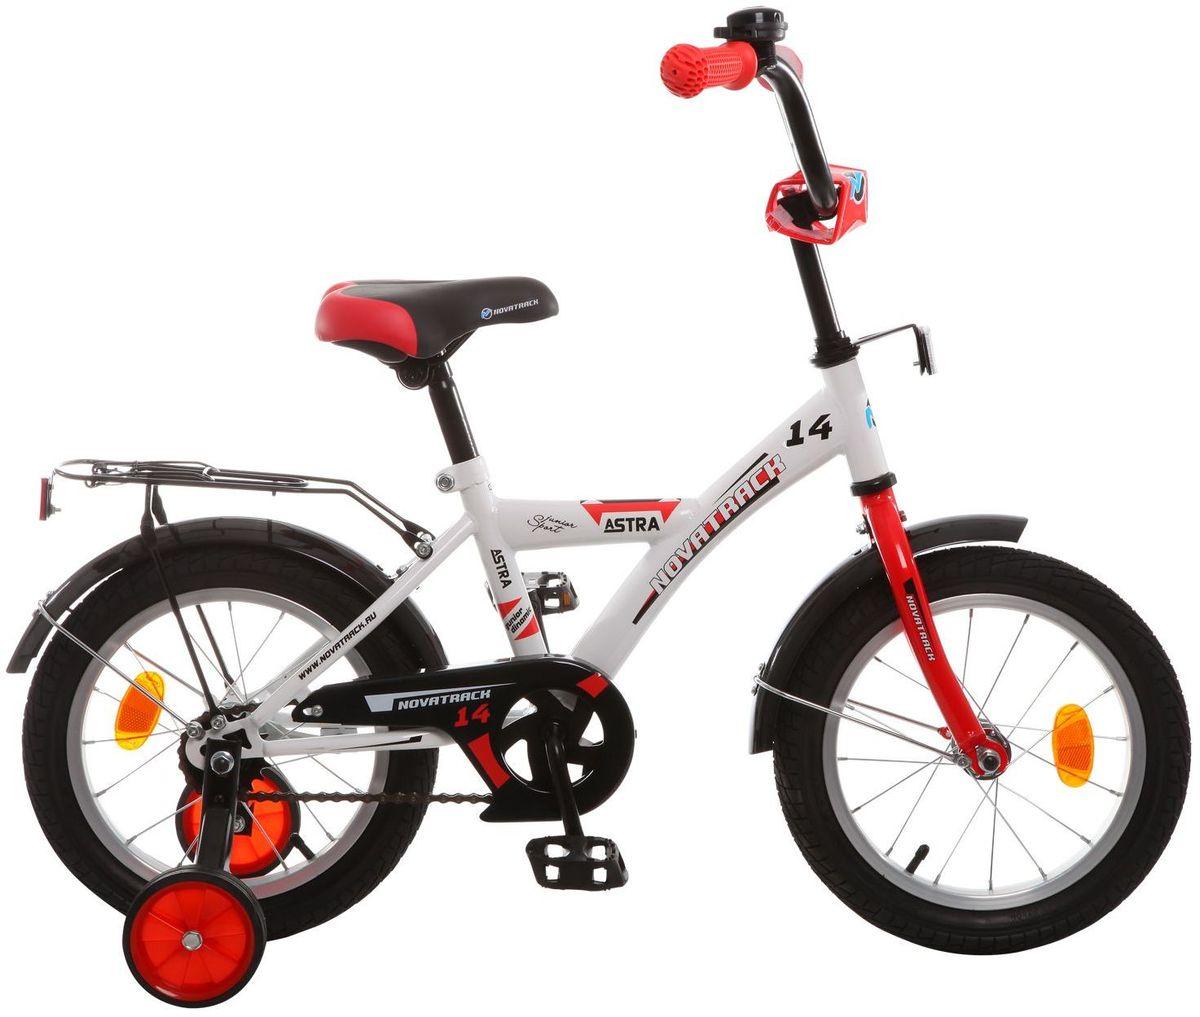 Велосипед детский Novatrack Astra, цвет: белый, 14WRA523700Хотите, чтобы ваш ребенок играя укреплял здоровье? Тогда ему нужен удобный и надежный велосипед Novatrack Astra 14'', рассчитанный на малышей 3-5 лет. Одного взгляда малыша хватит, чтобы раз и навсегда влюбиться в свой новенький двухколесный транспорт, который в принципе, сначала можно назвать и четырехколесным. Дополнительную устойчивость железному «коню» обеспечивают два маленьких съемных колеса в цвет велосипеда. Astra собрана на базе рамы с универсальной геометрией, которая позволяет легко взобраться или слезть с велосипеда, при этом он имеет такой вес, что маленький ребенок сам легко справляется со своим транспортным средством. Так как велосипед предназначен для самых маленьких, предусмотрен ограничитель поворота руля, который не позволит сильно завернуть руль и упасть. Еще один элемент безопасности – это защита цепи, которая оберегает одежду и ноги малыша от попадания в механизм. Стильные крылья защитят от грязи и брызг, а на багажнике ребенок сможет перевозить массу полезных в дороге вещей. Данная модель маневренна и легко управляется, поэтому ребенку будет несложно и интересно учиться езде.